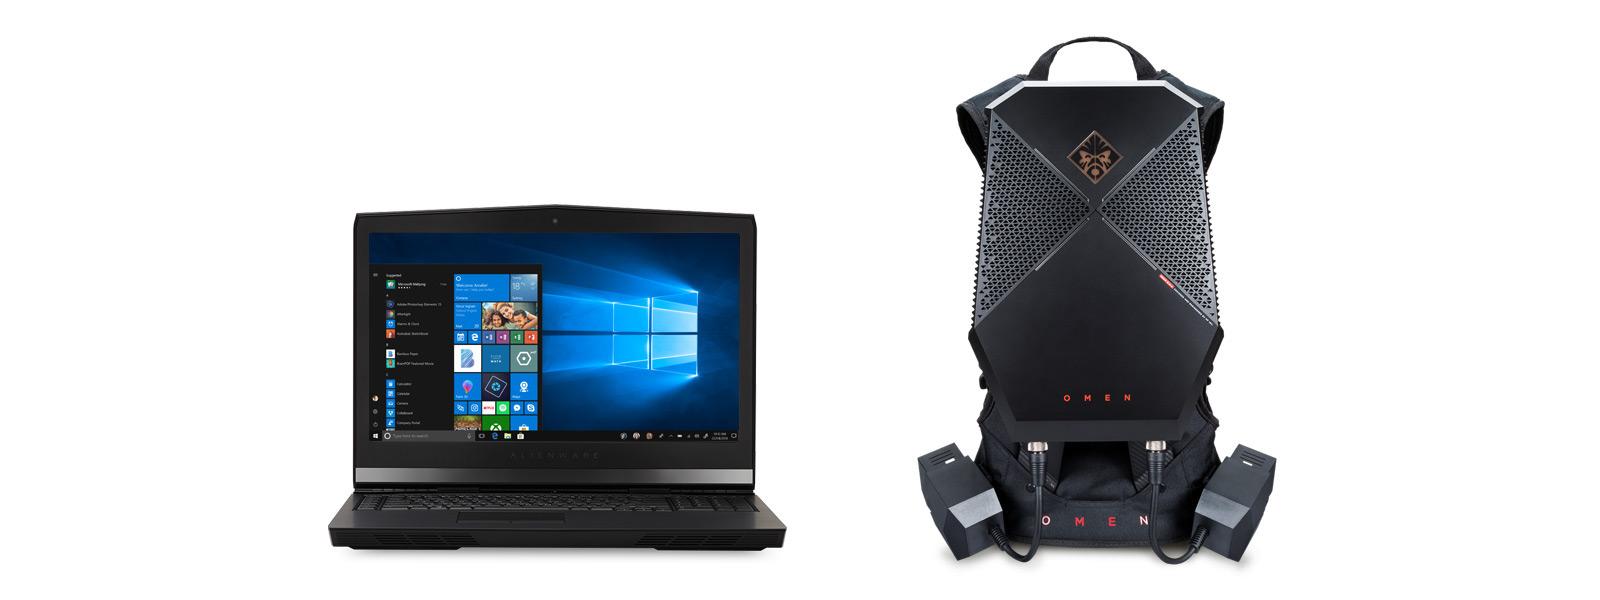 Vue inclinée avant du Dell Alienware 17 R4 et vue inclinée avant du HP OMEN.